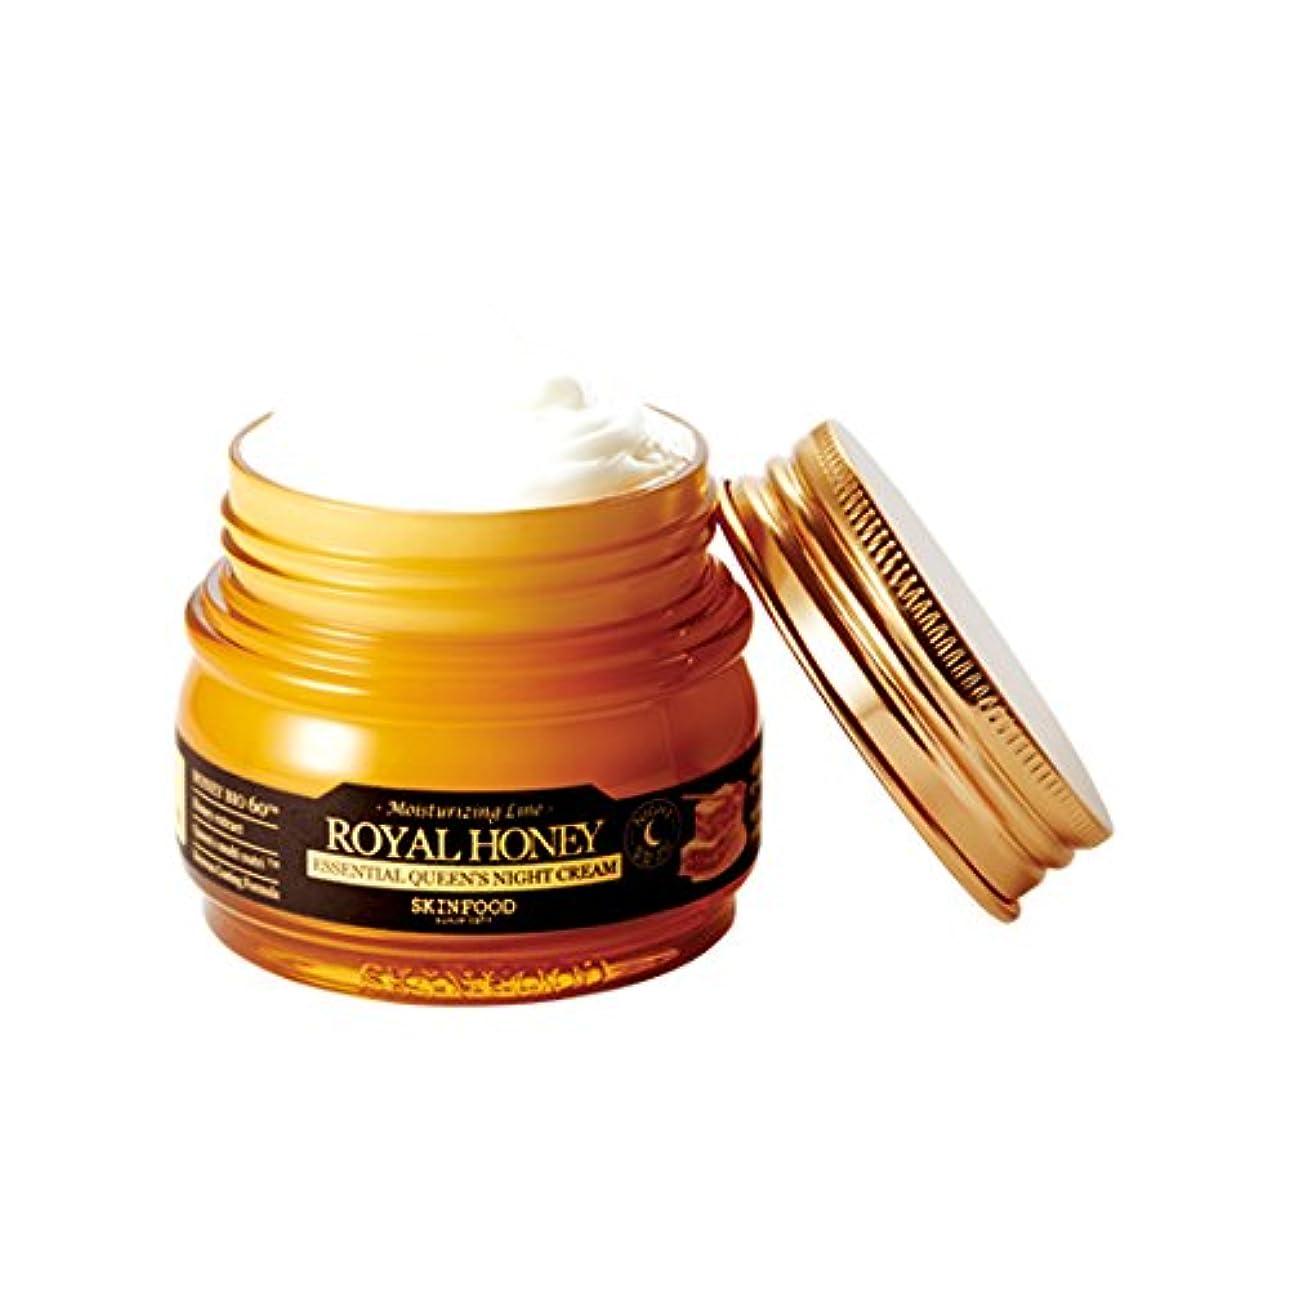 きらめく安全性解明SKINFOOD Royal Honey Essential Queen's Night Cream 63ml / スキンフード ロイヤルハニーエッセンシャルクイーンズナイトクリーム 63ml [並行輸入品]